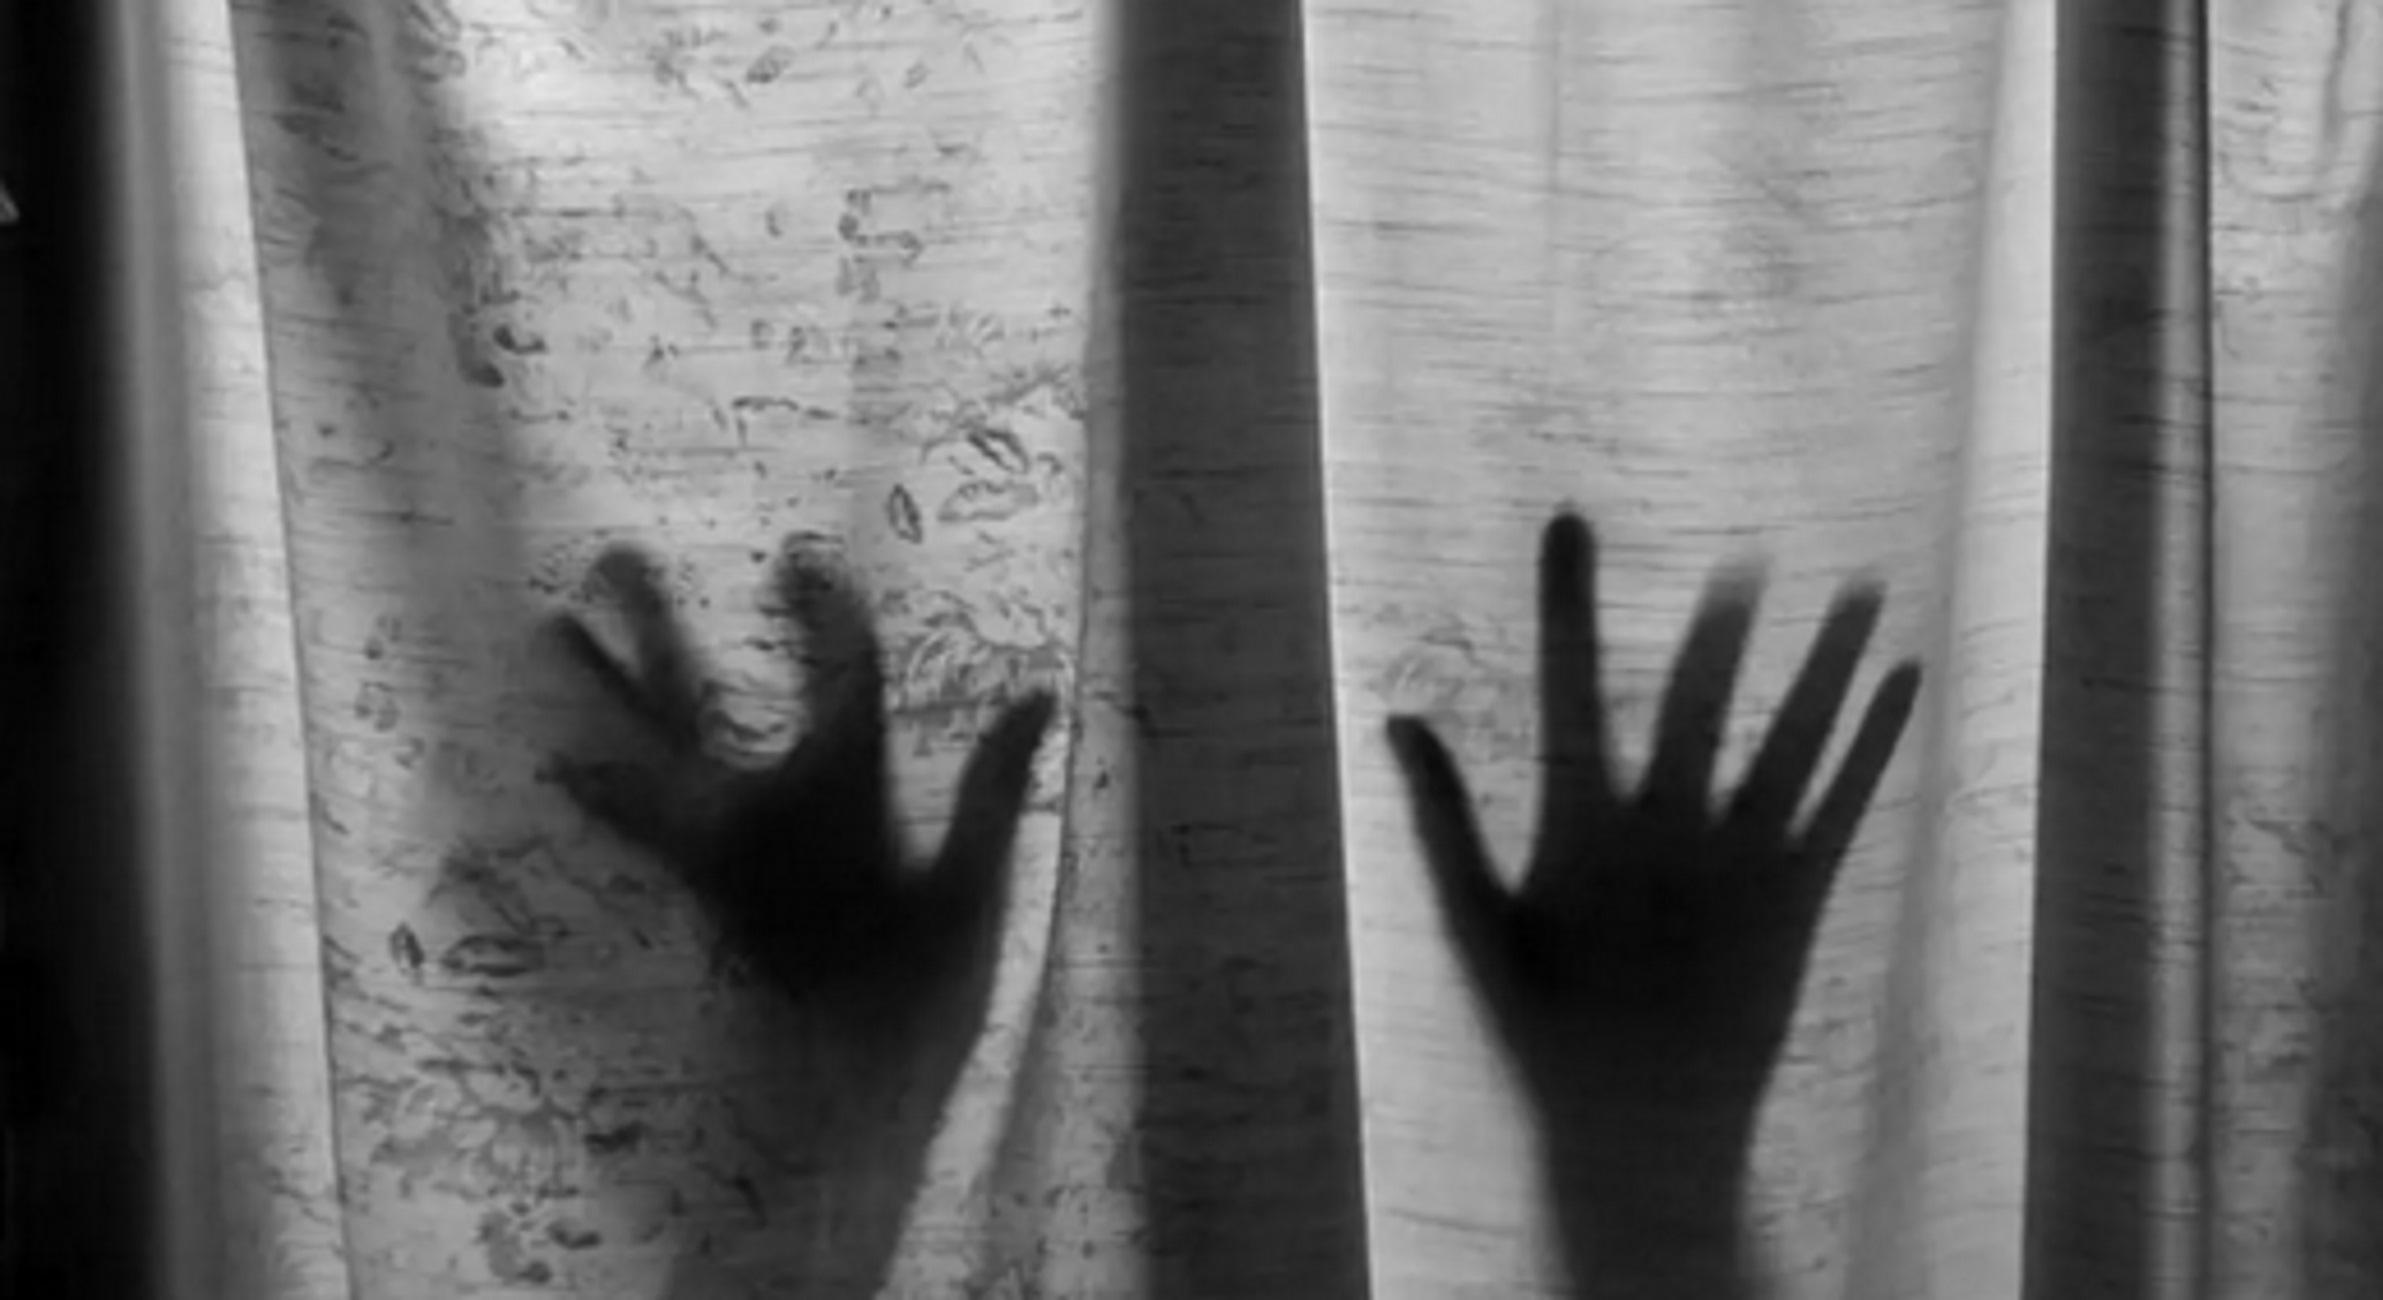 """Λάρισα: """"Ο βιασμός μου ήταν αναπόφευκτος""""! Σοκάρουν τα λόγια του 17χρονου για τη νύχτα κόλαση στον Πηνειό"""